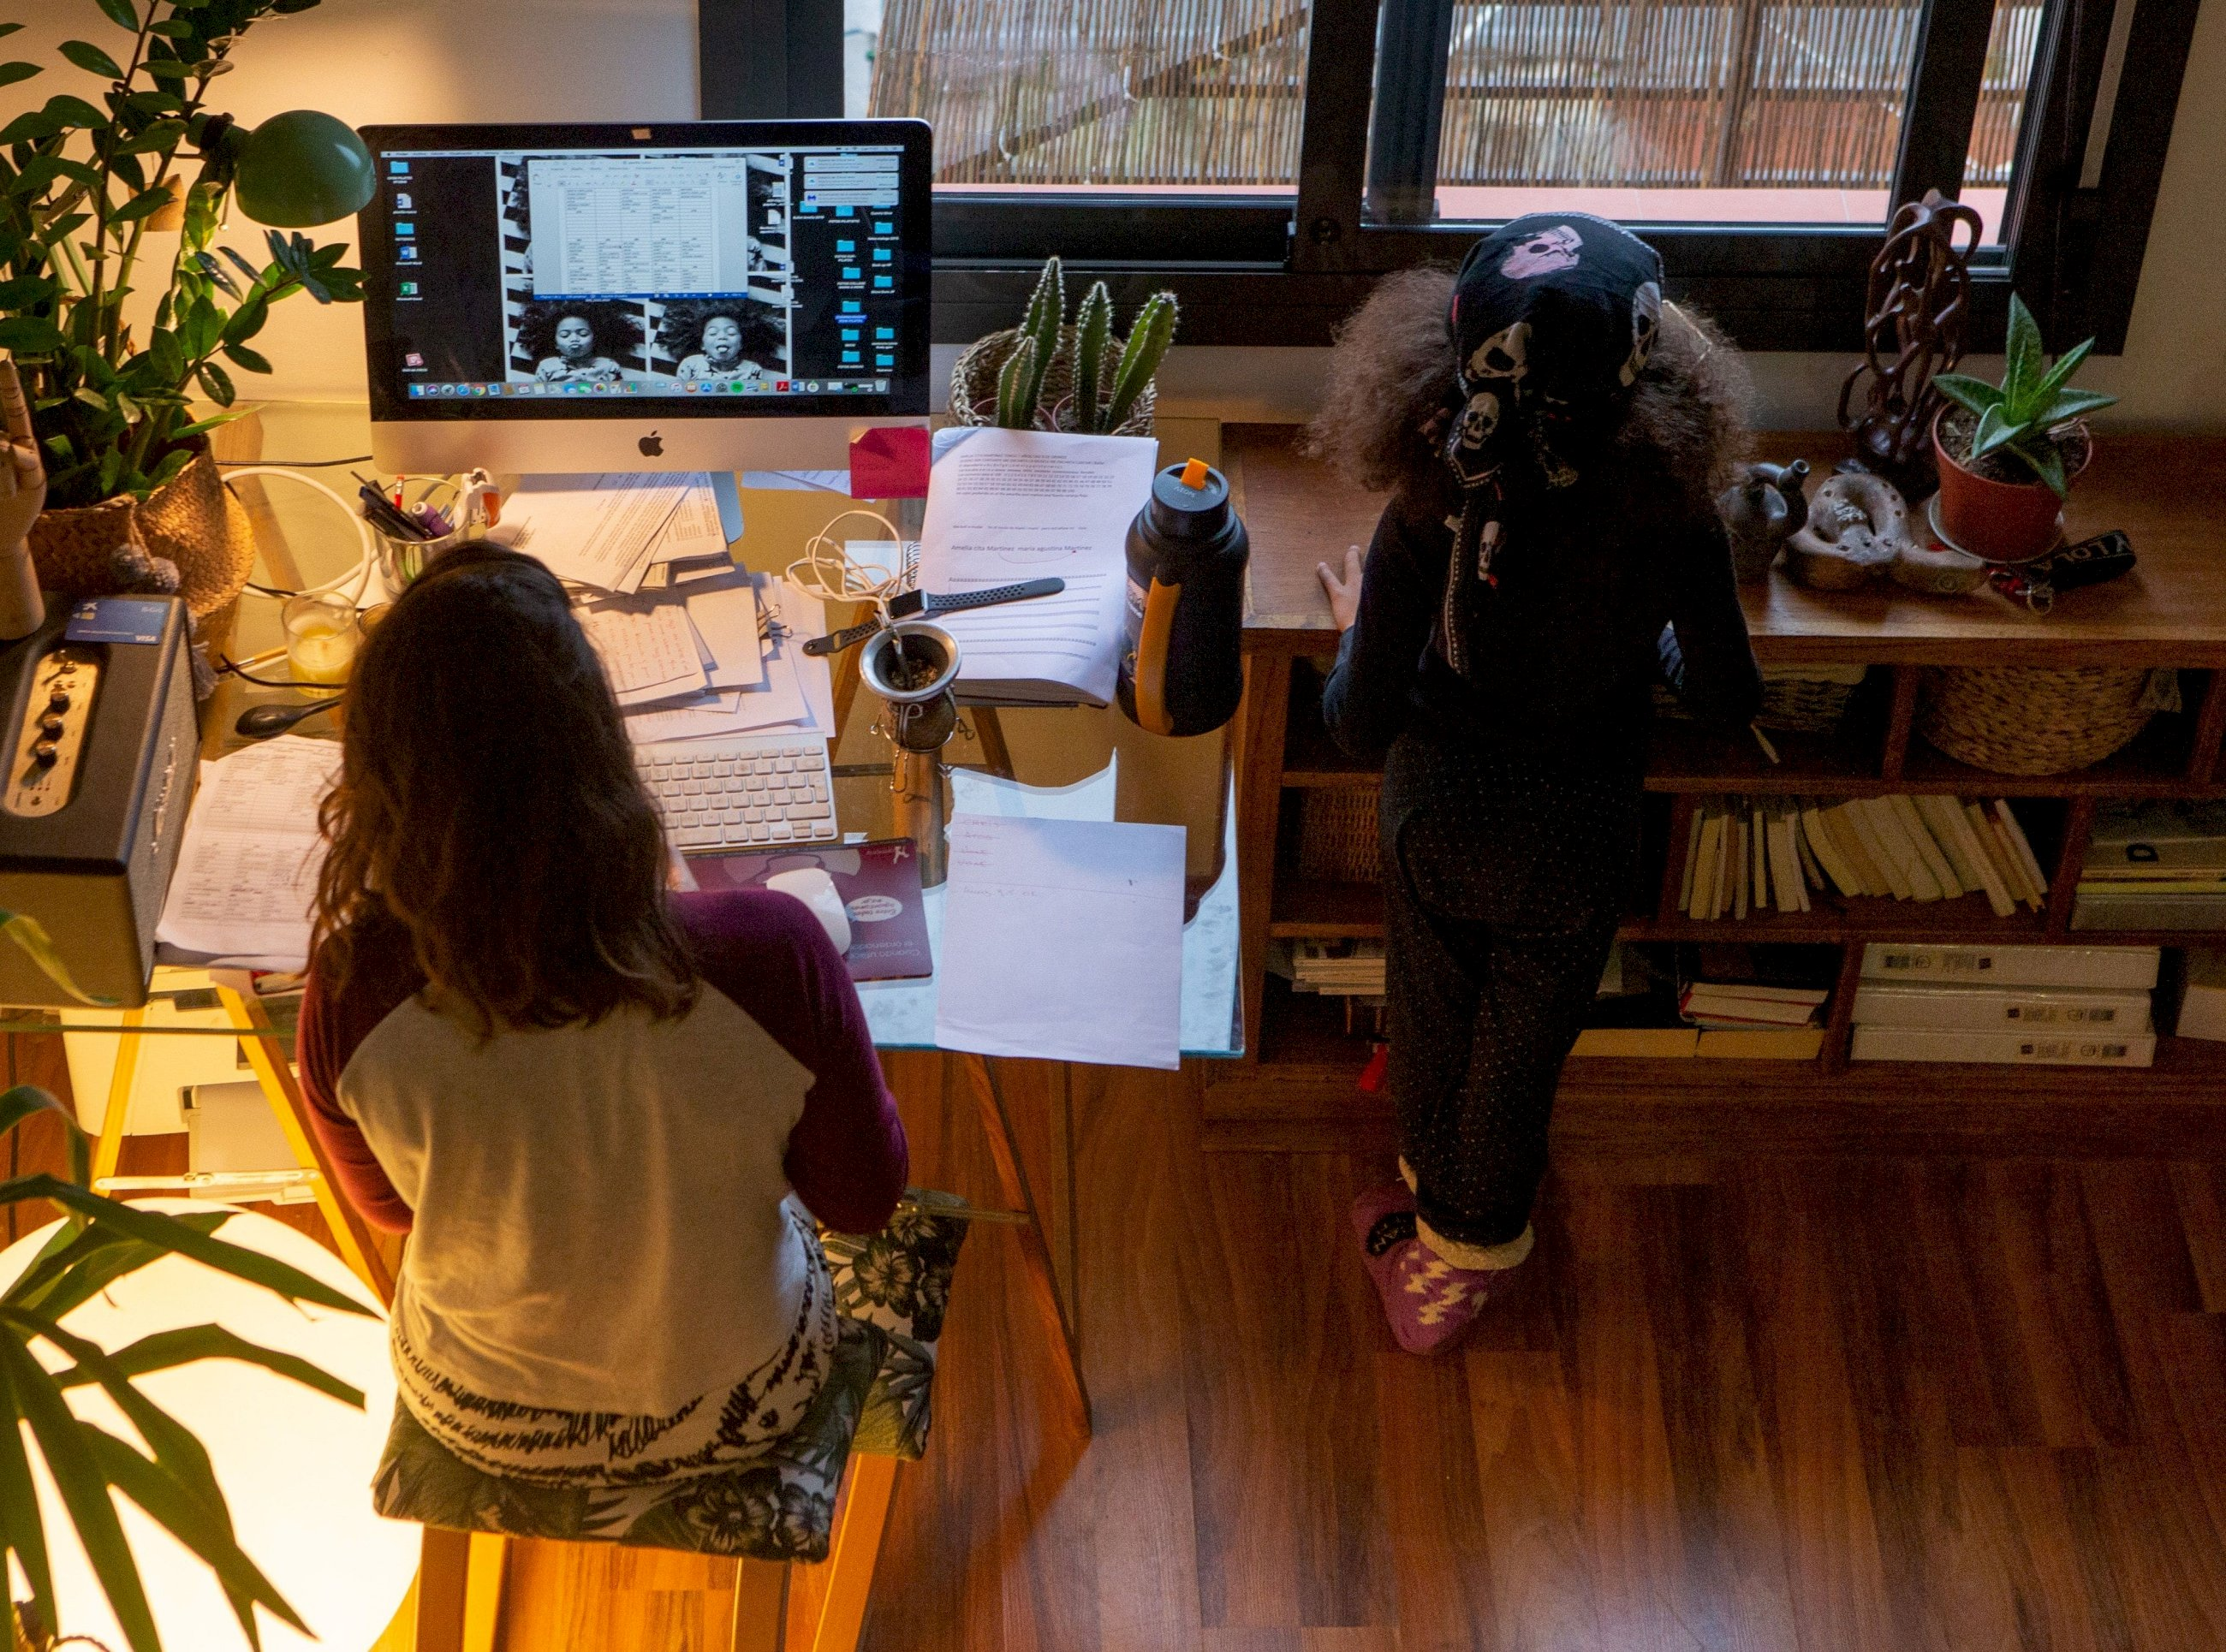 Una mujer realiza teletrabajo en su casa mientras su hija juega a su lado, el 16 de marzo de 2020, primer día laboral de aplicación del estado de alarma | EFE/Archivo